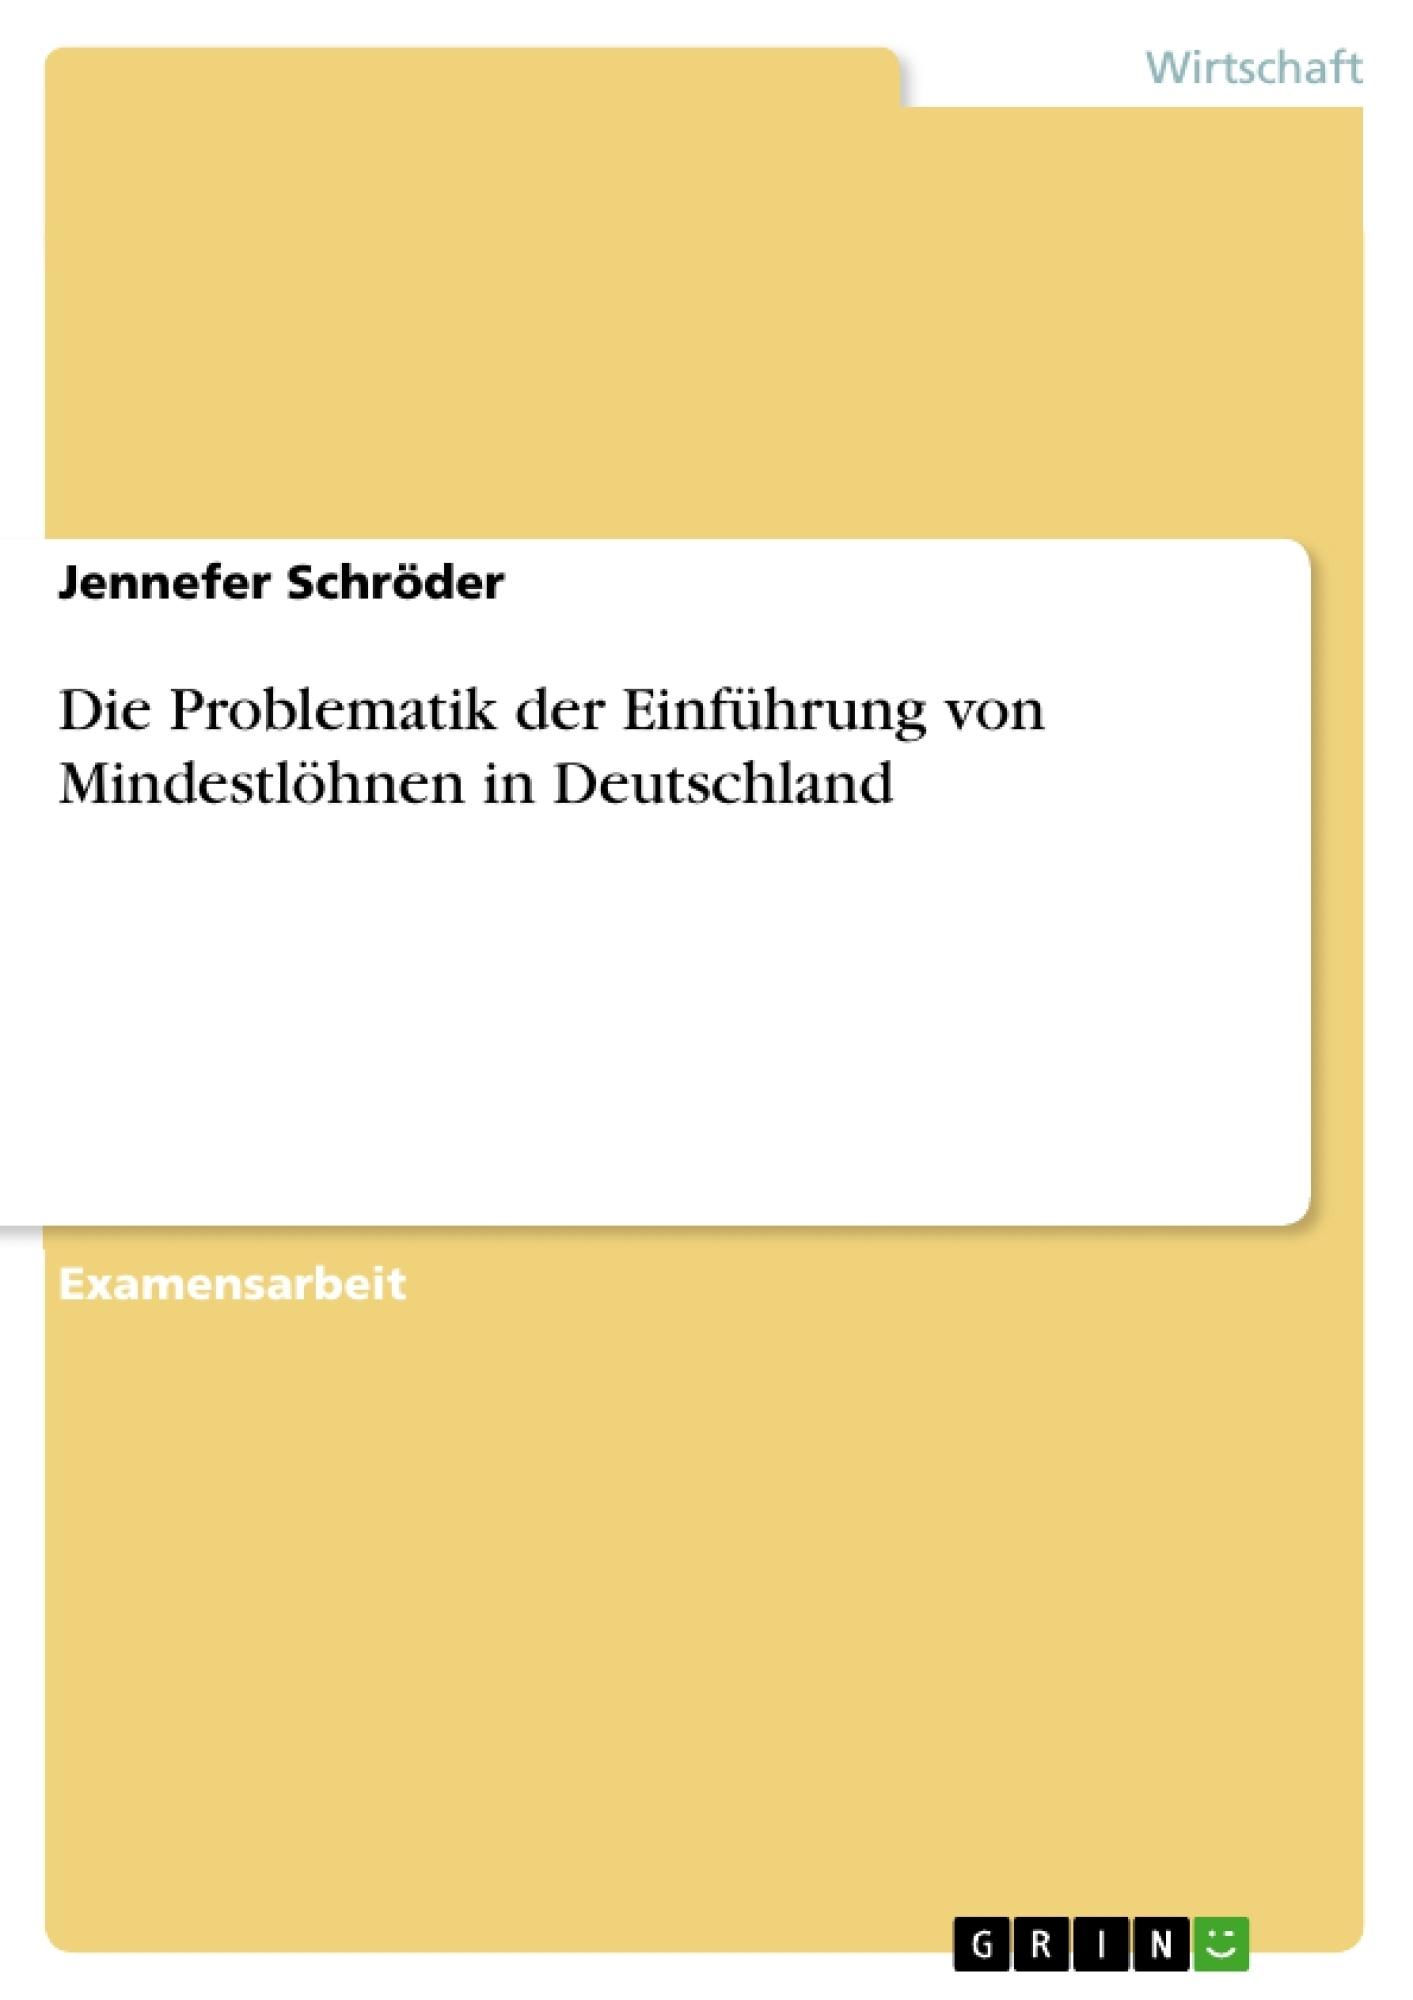 Titel: Die Problematik der Einführung von Mindestlöhnen in Deutschland